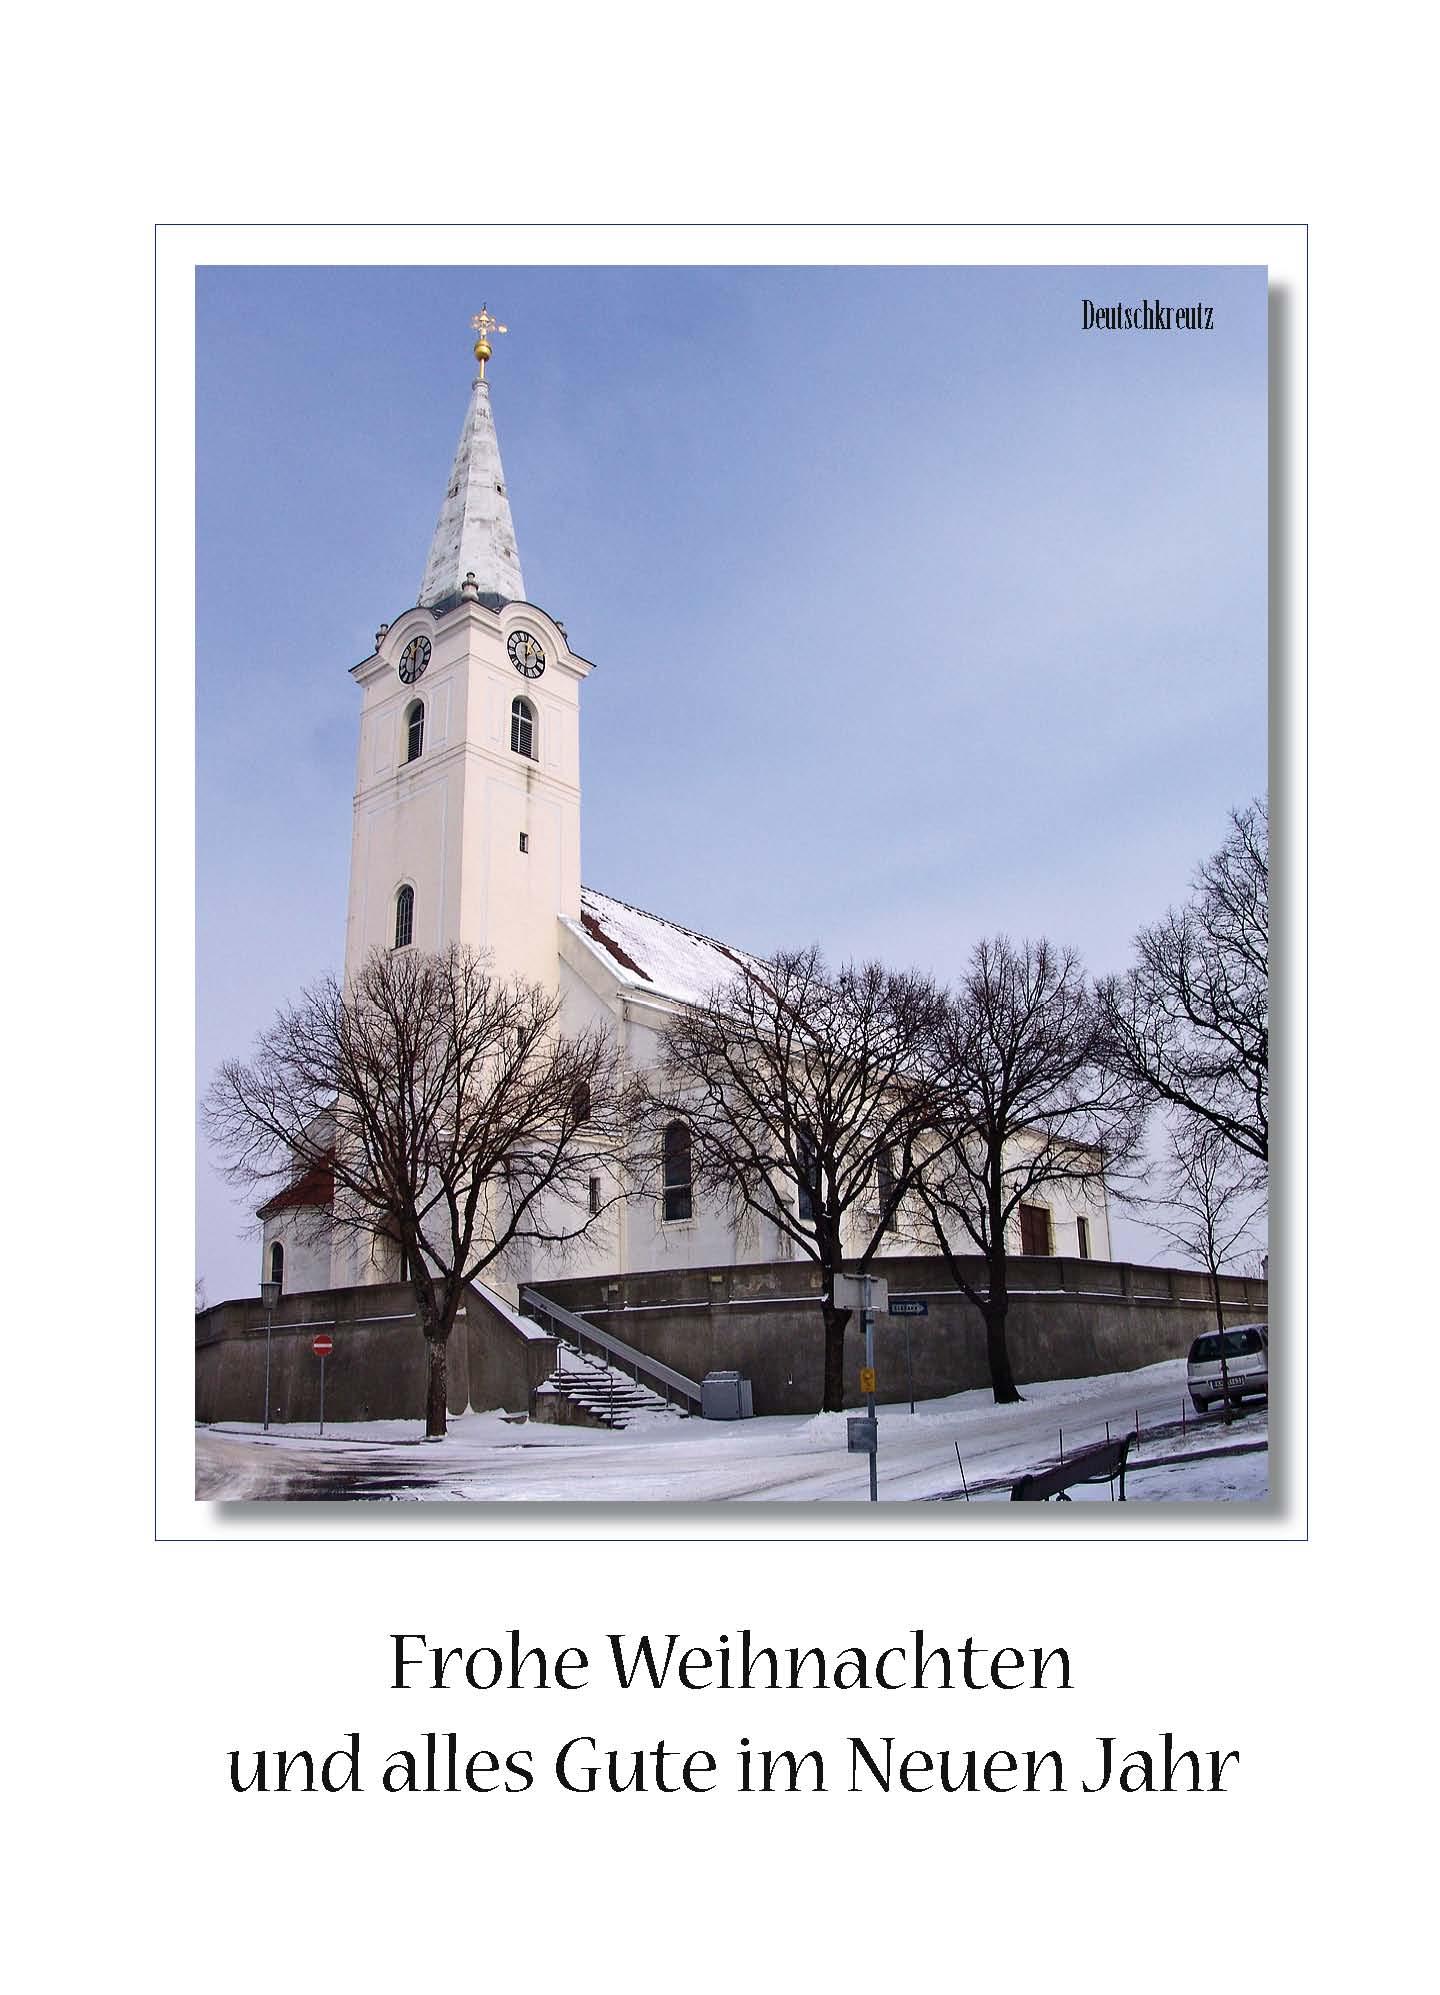 Orts - Weihnachtsbilletts - Deutschkreutz 03-22-7301-04